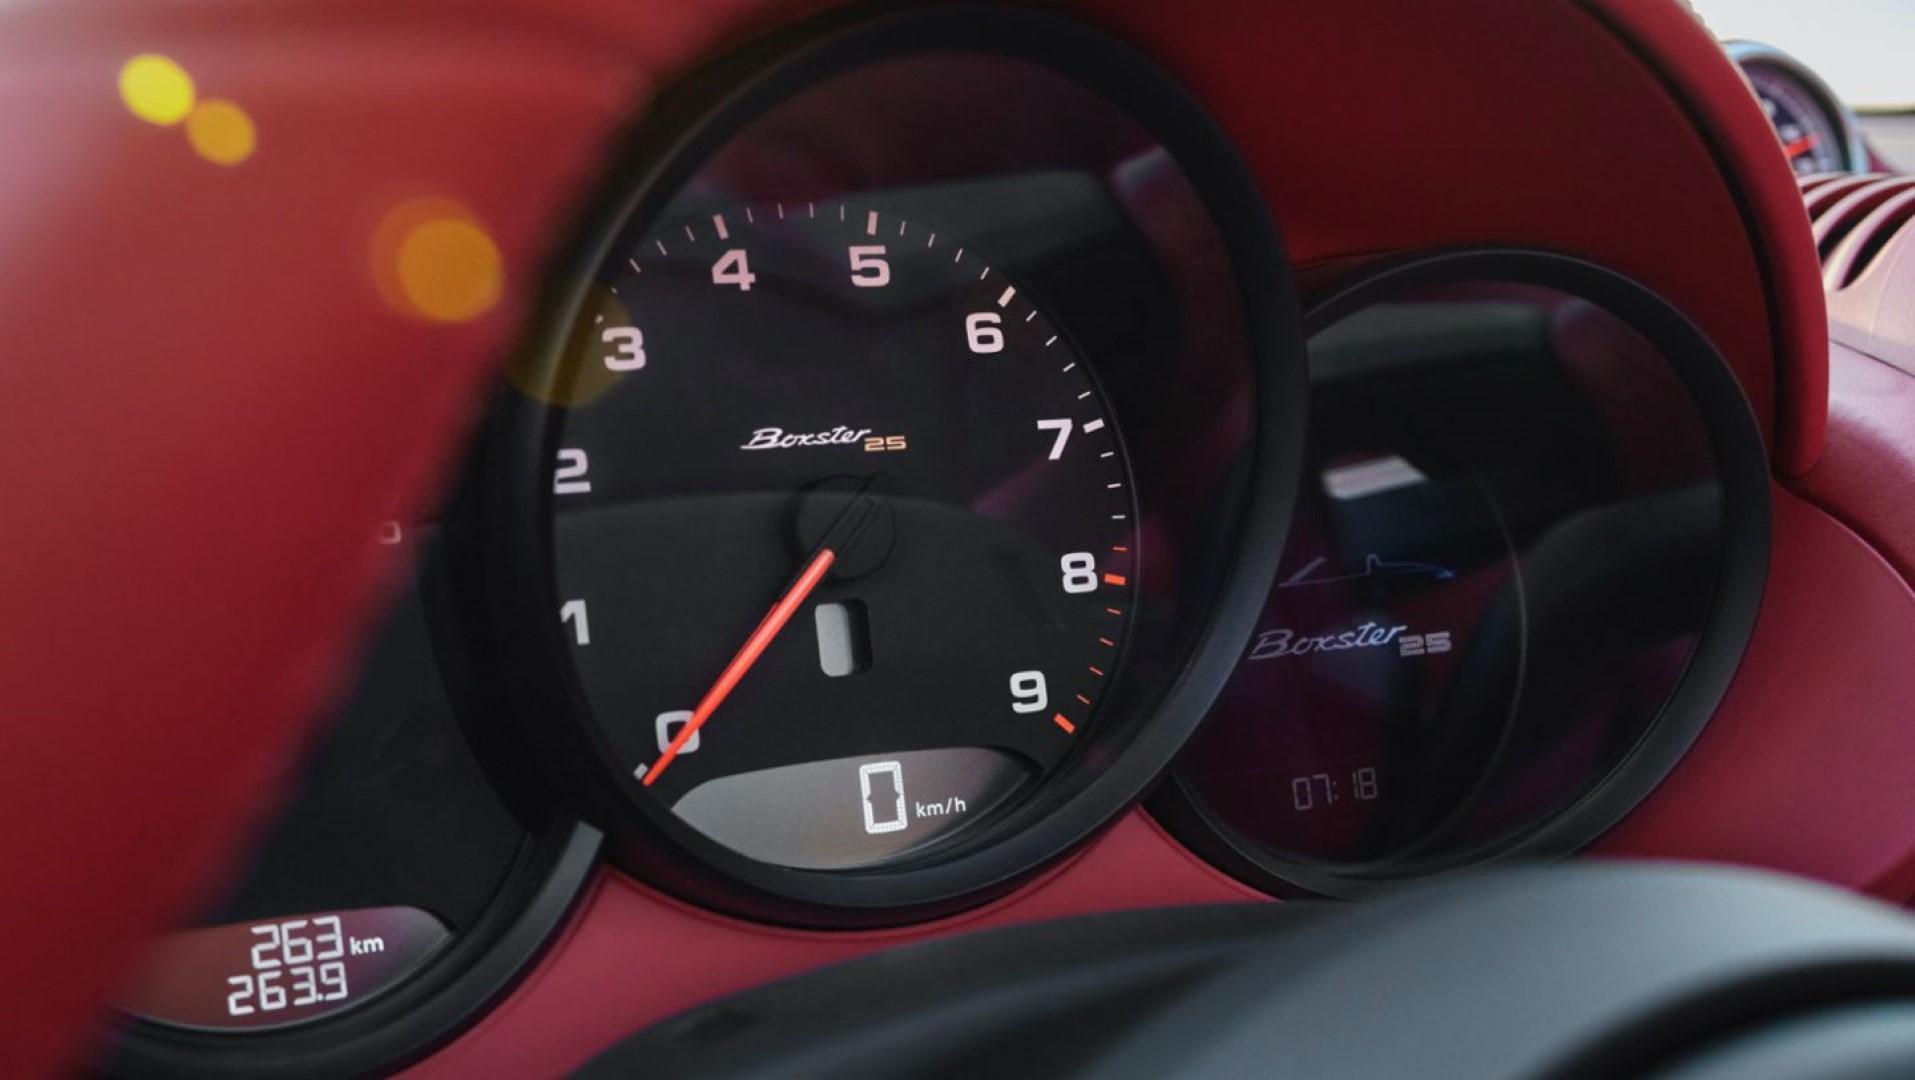 Porsche Boxster 25 sports chrono package